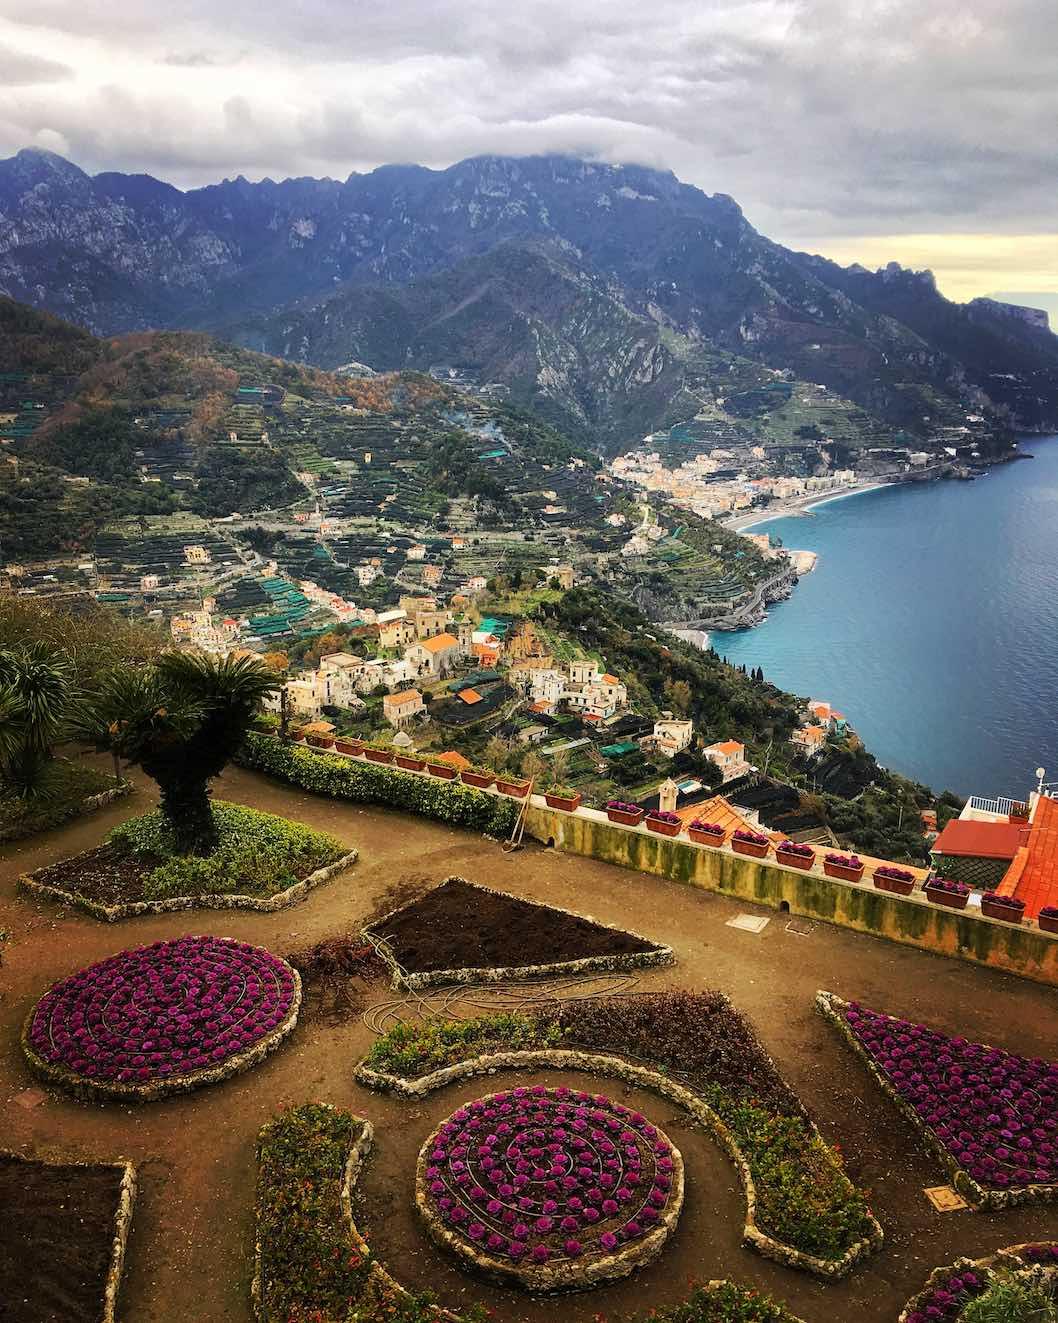 Travel Food People - Steven Tagle - Sicily 4.jpeg